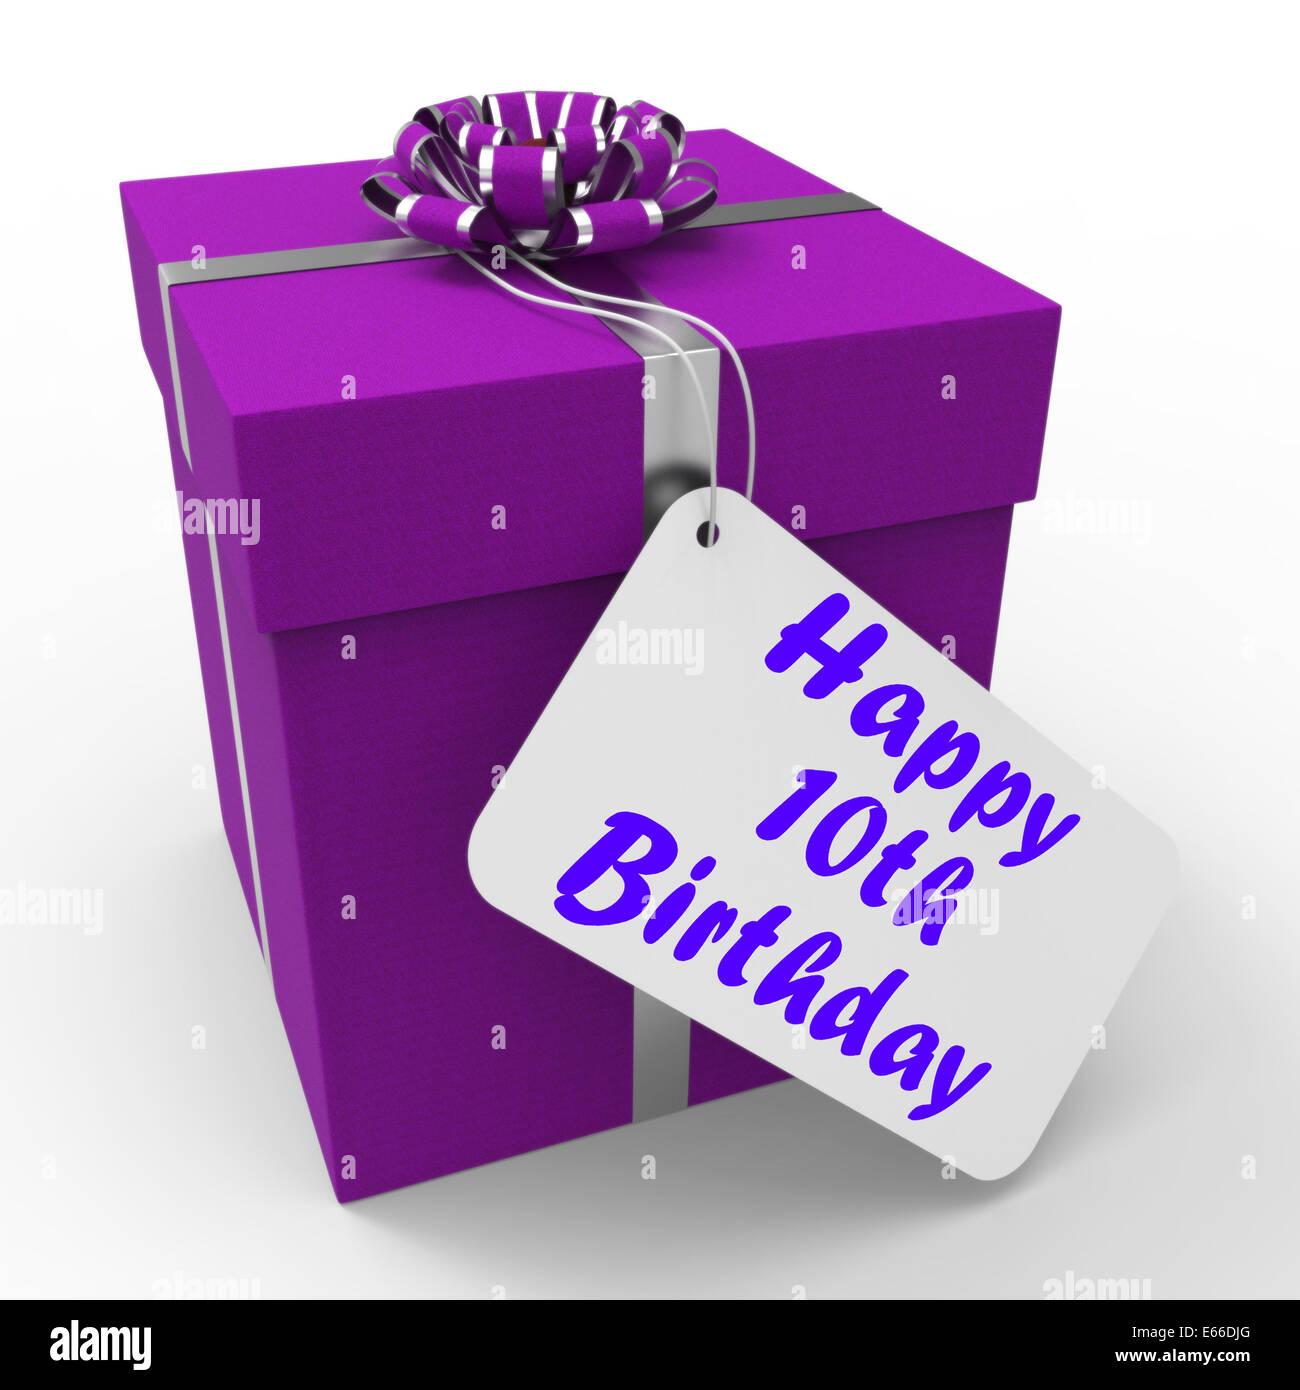 10 Geburtstag Geschenk Sinne Herzlichen Glückwunsch Alter